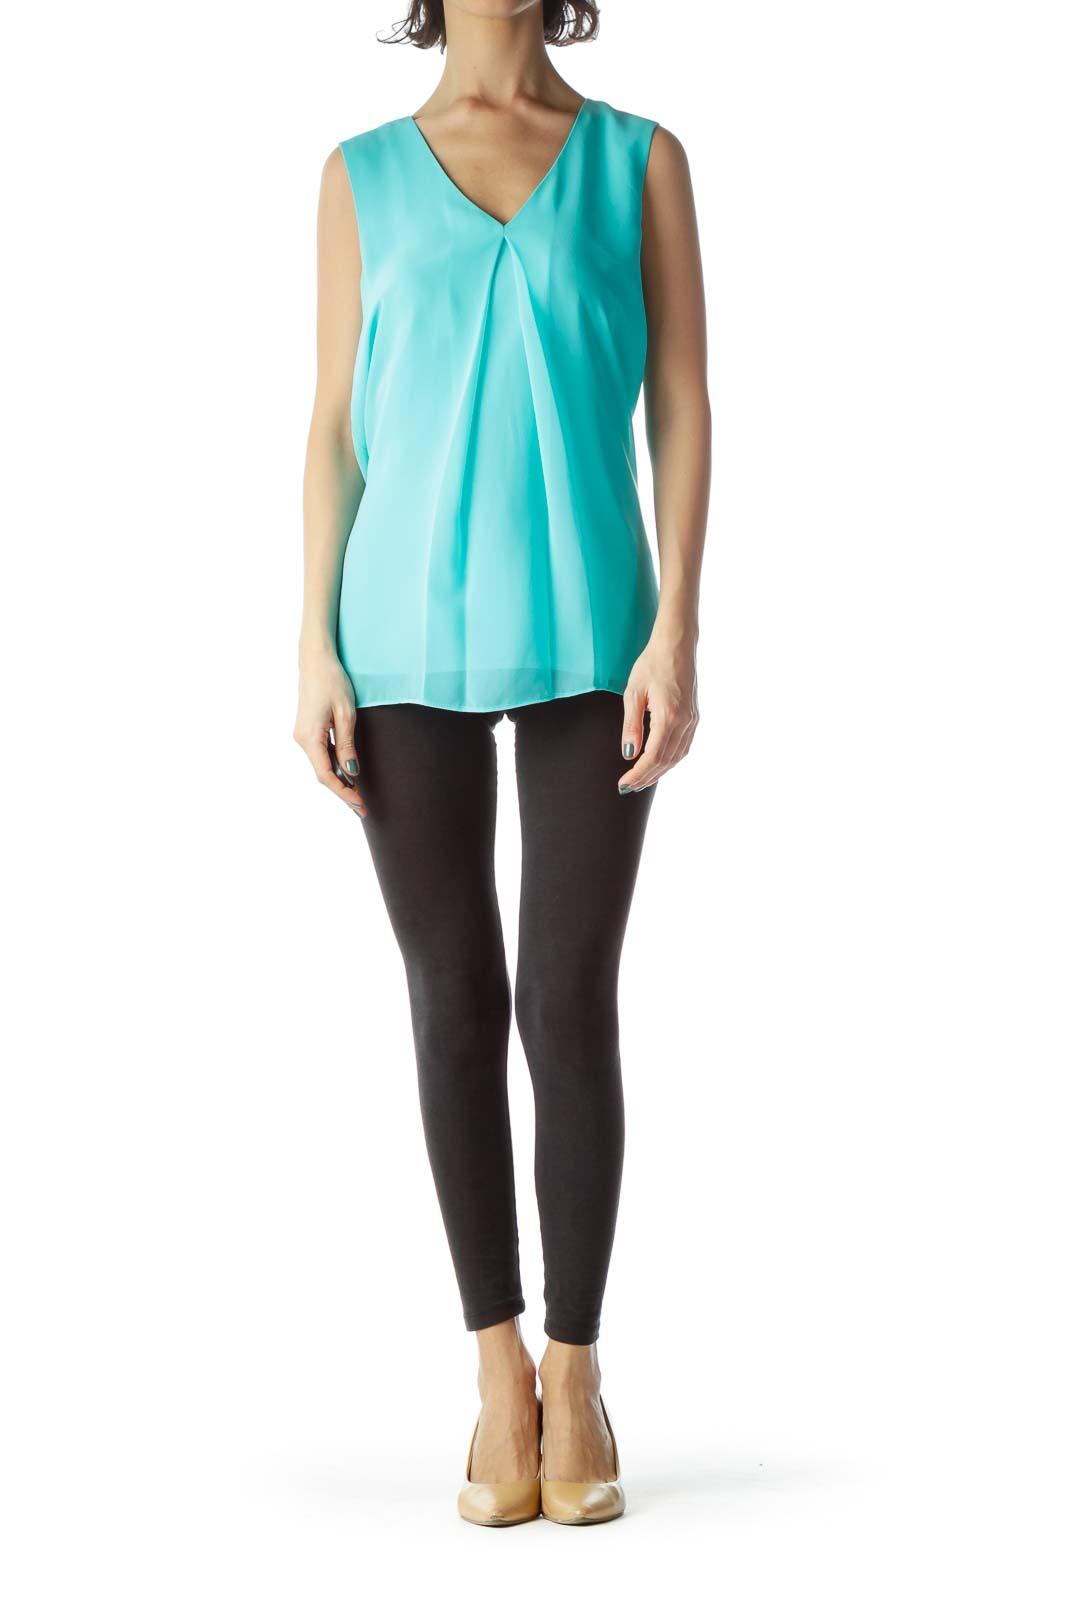 Mint Green V-Neck Sleeveless Shift Blouse